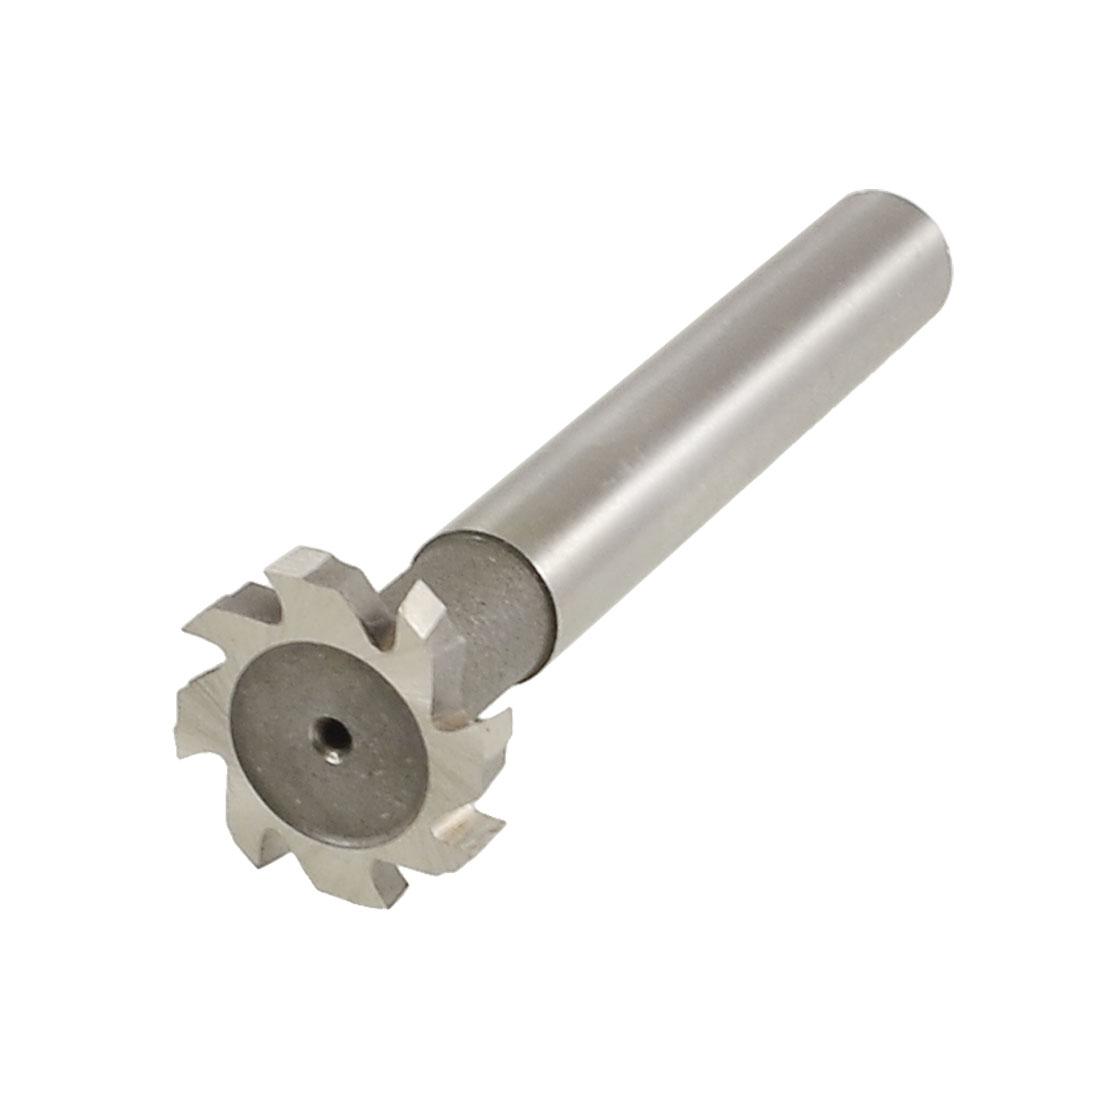 """Straight Shank 8 Flutes 64/64"""" x 5/32"""" HSS AL T Slot Cutter w Plastic Storage Box"""